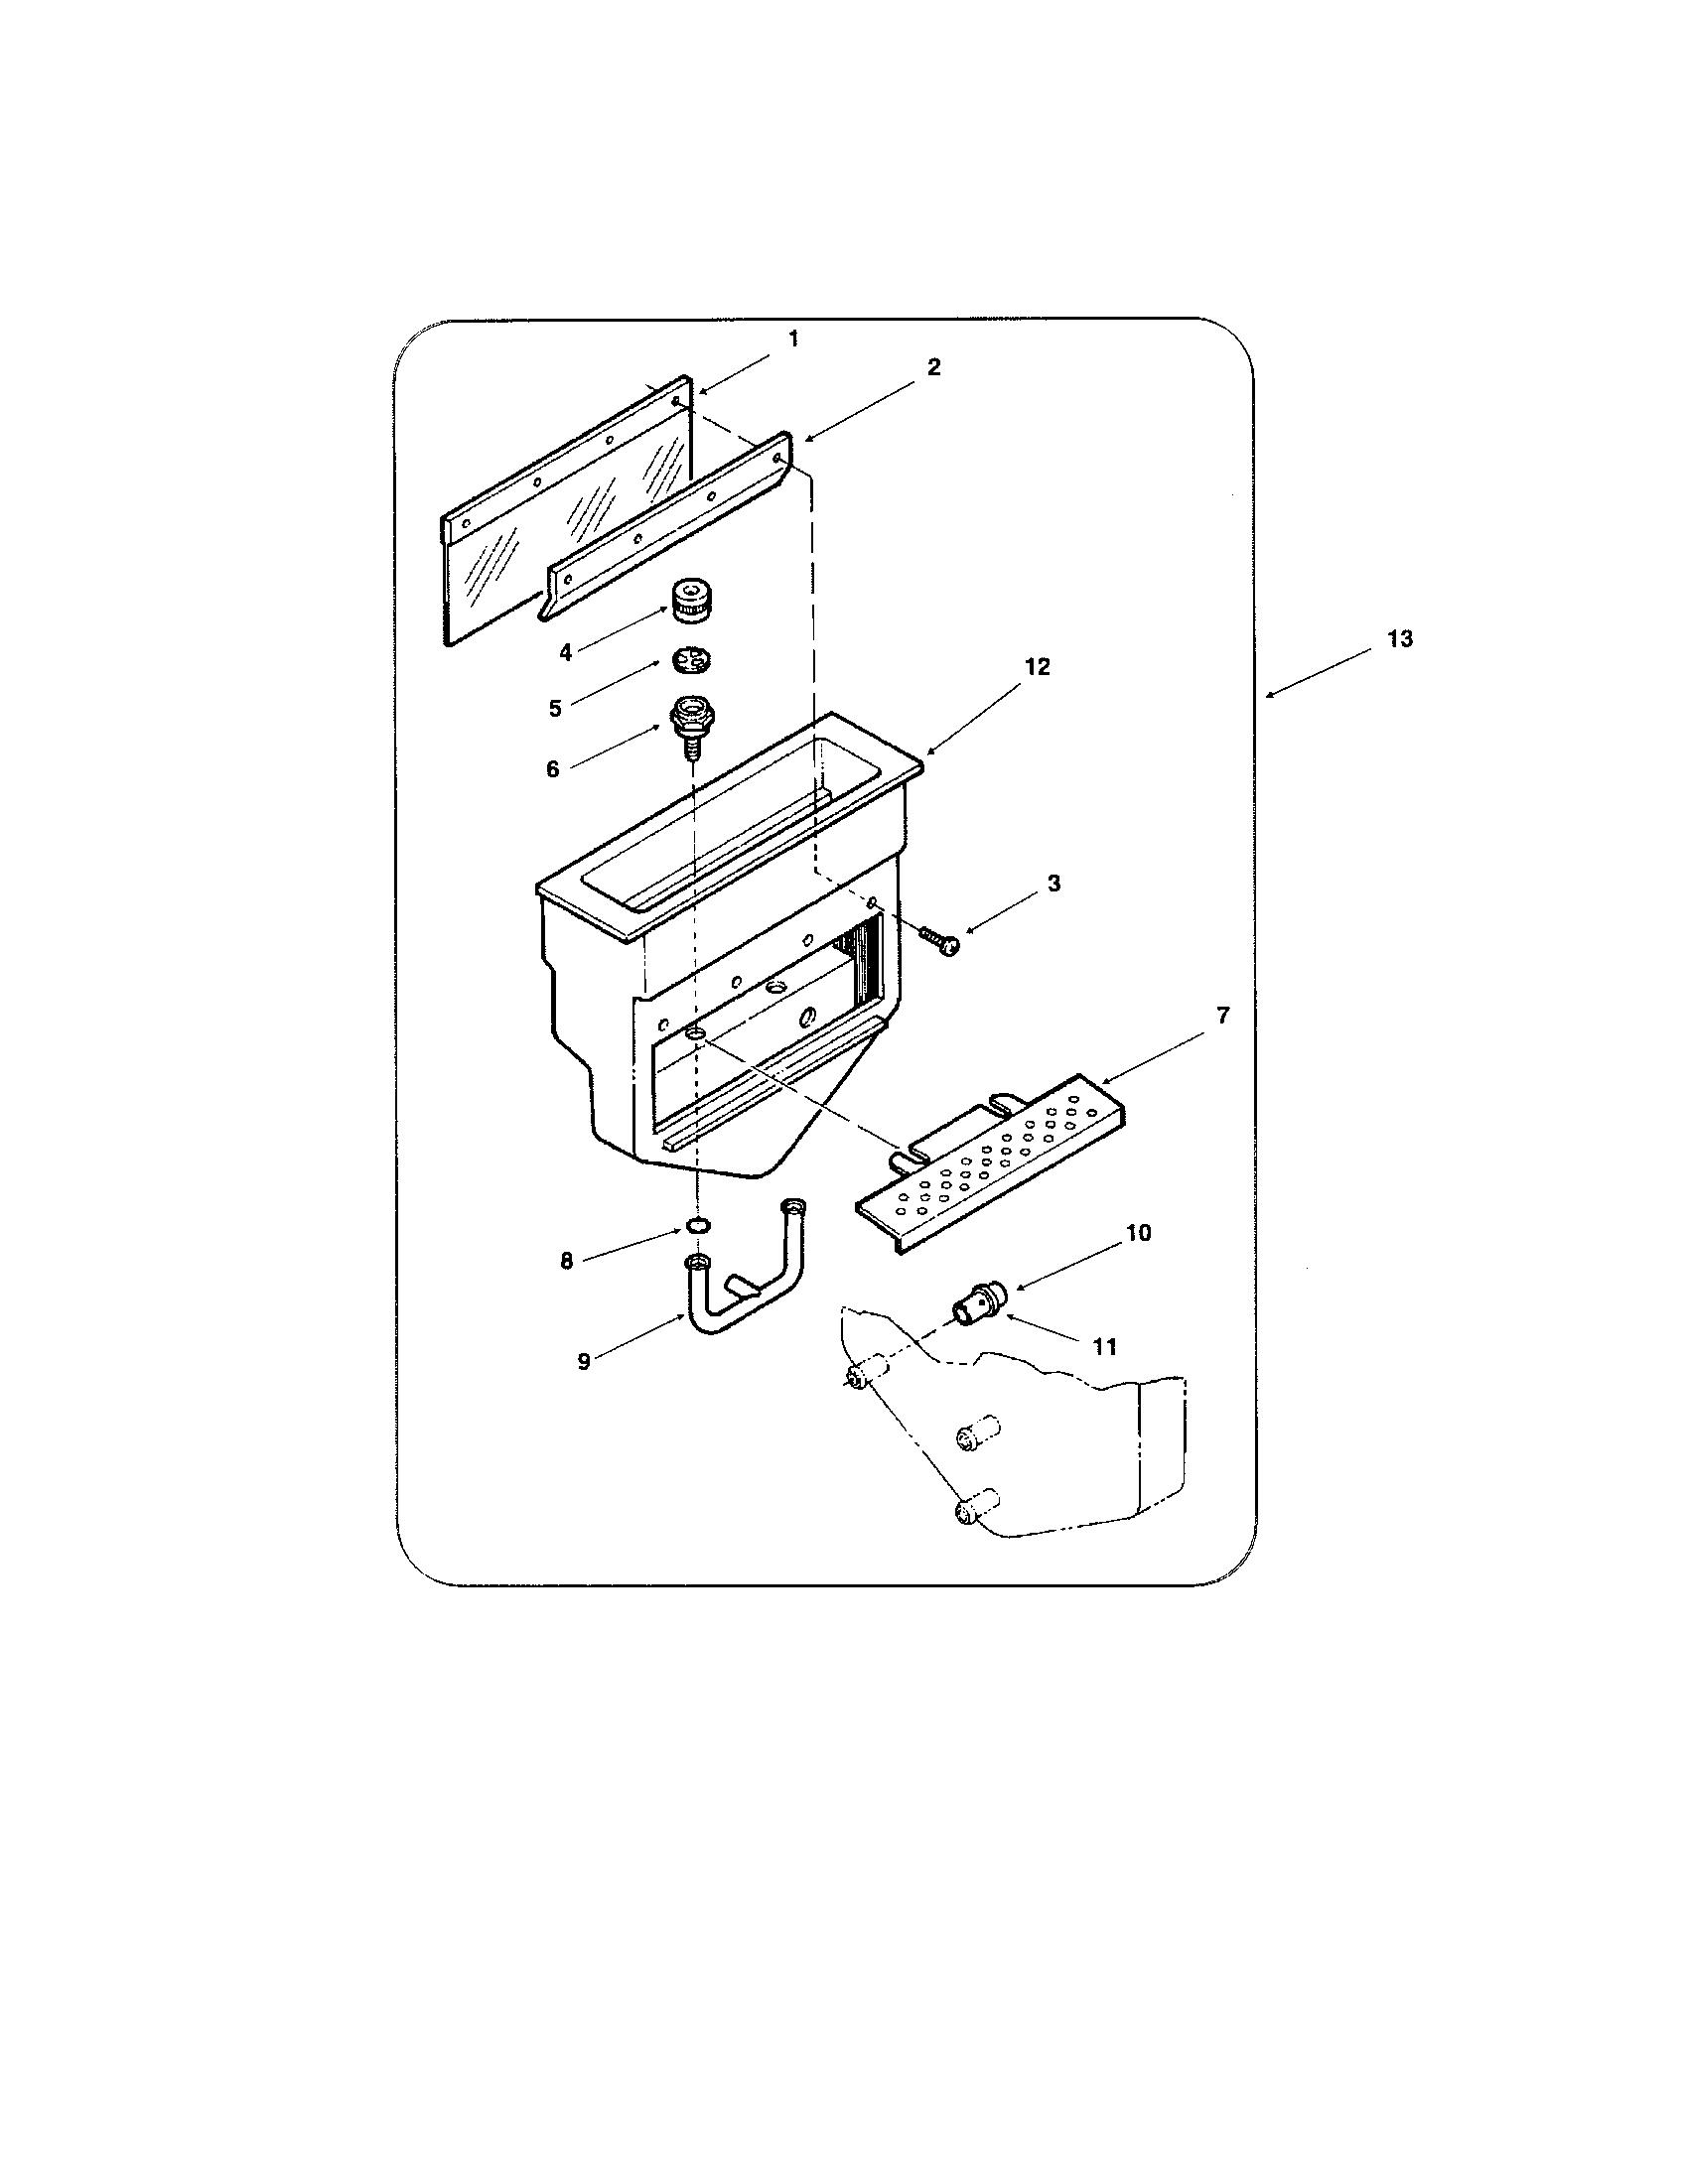 Uline Clr Parts Diagram